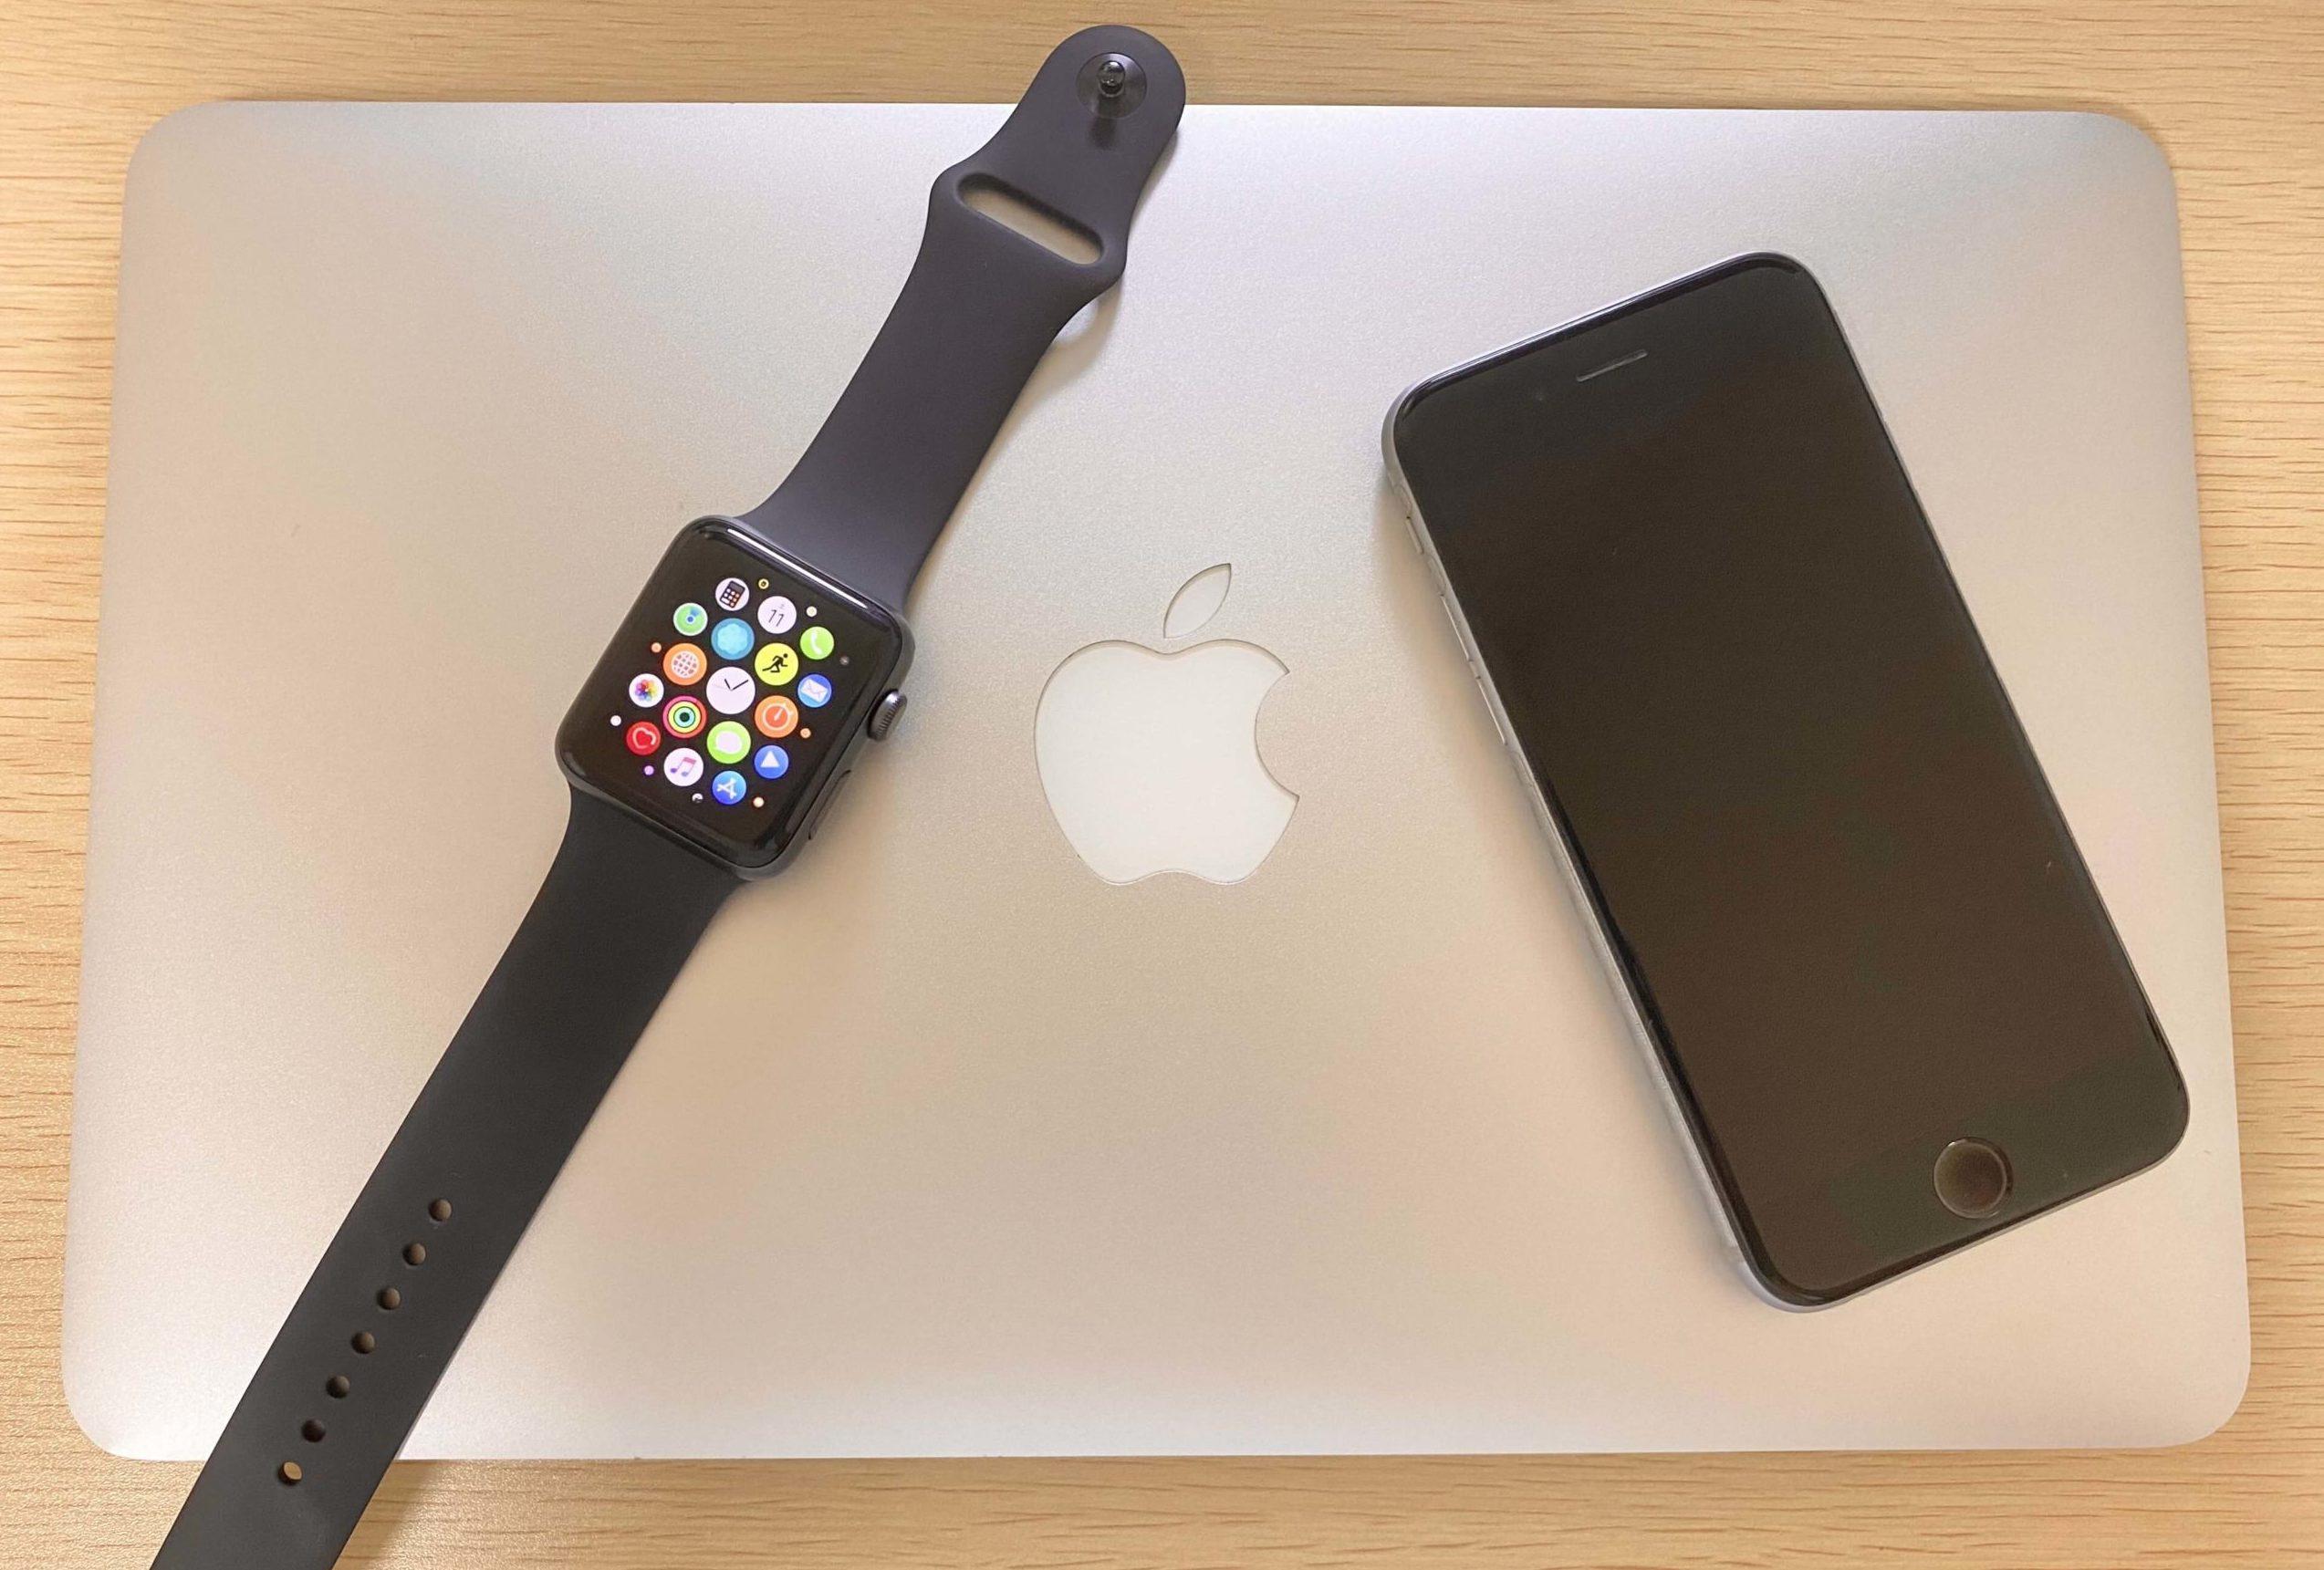 Applewatchと中華スマートウォッチを比較